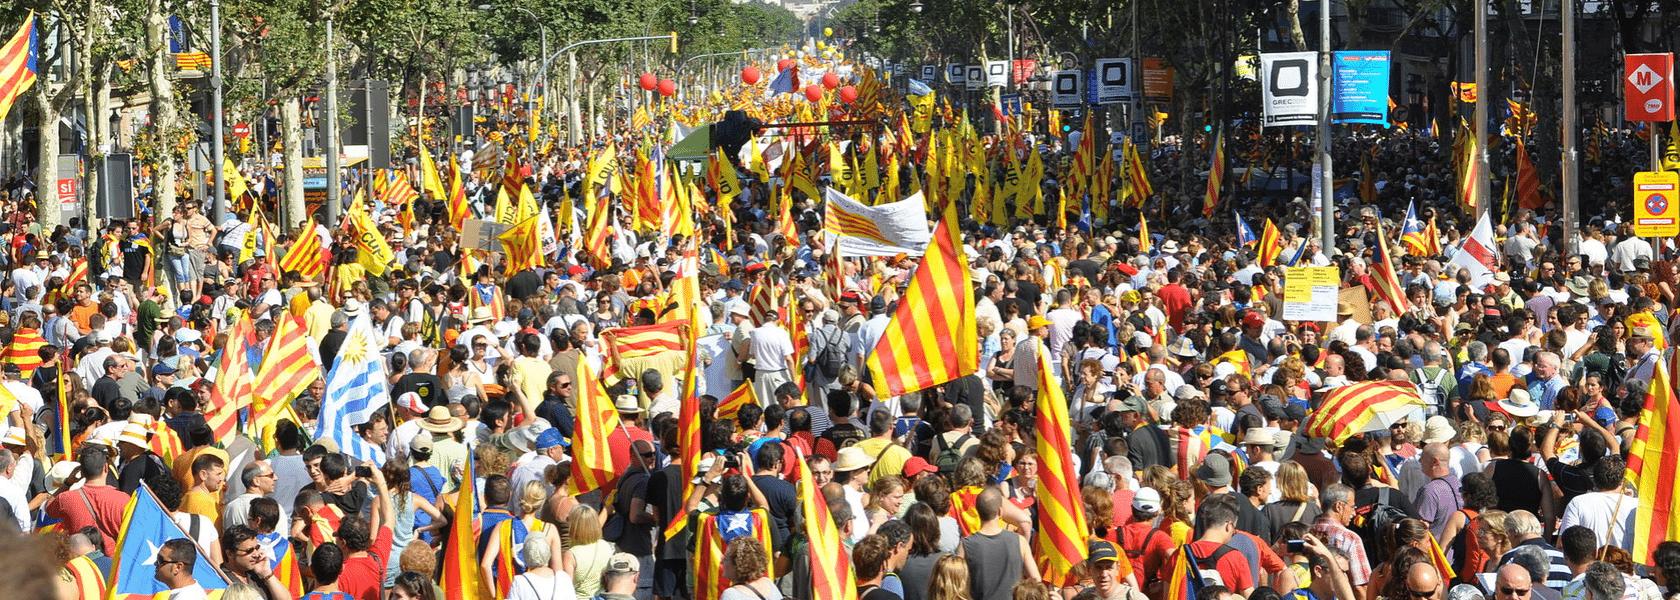 Madrid - Procès des indépendantistes Catalans : La FIDH et Euromed Droits dénoncent des irrégularités